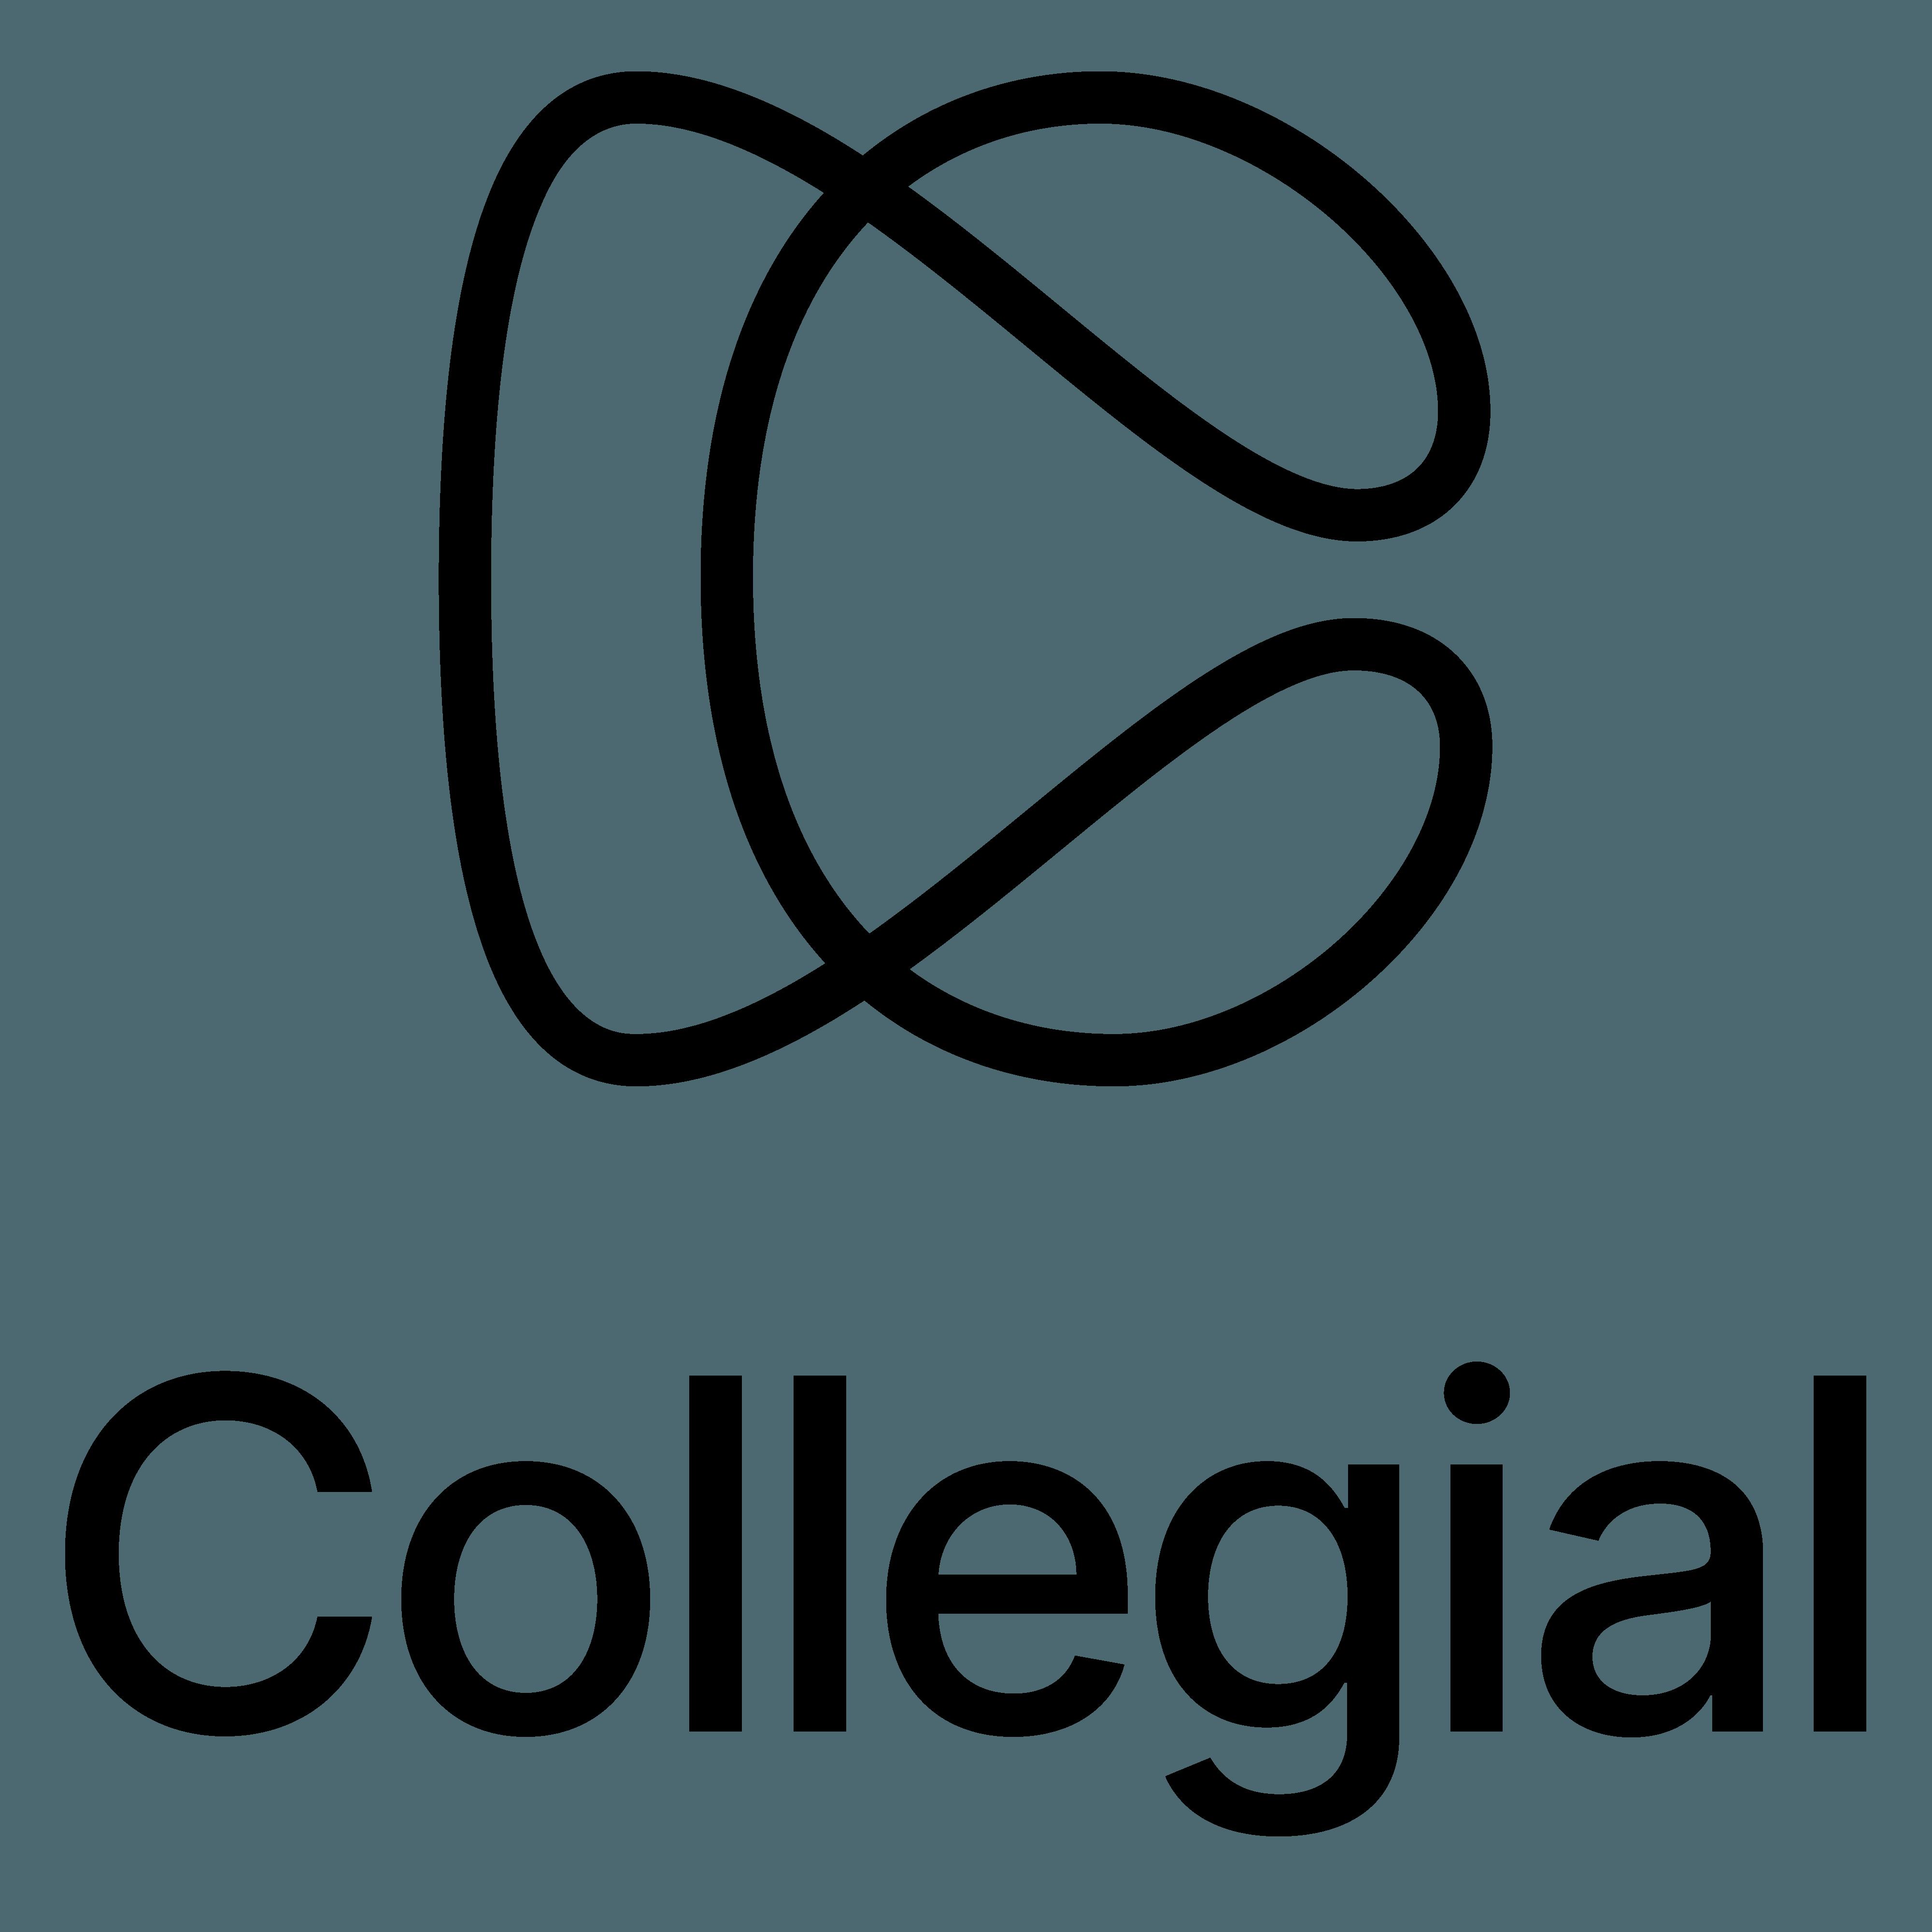 Collegial